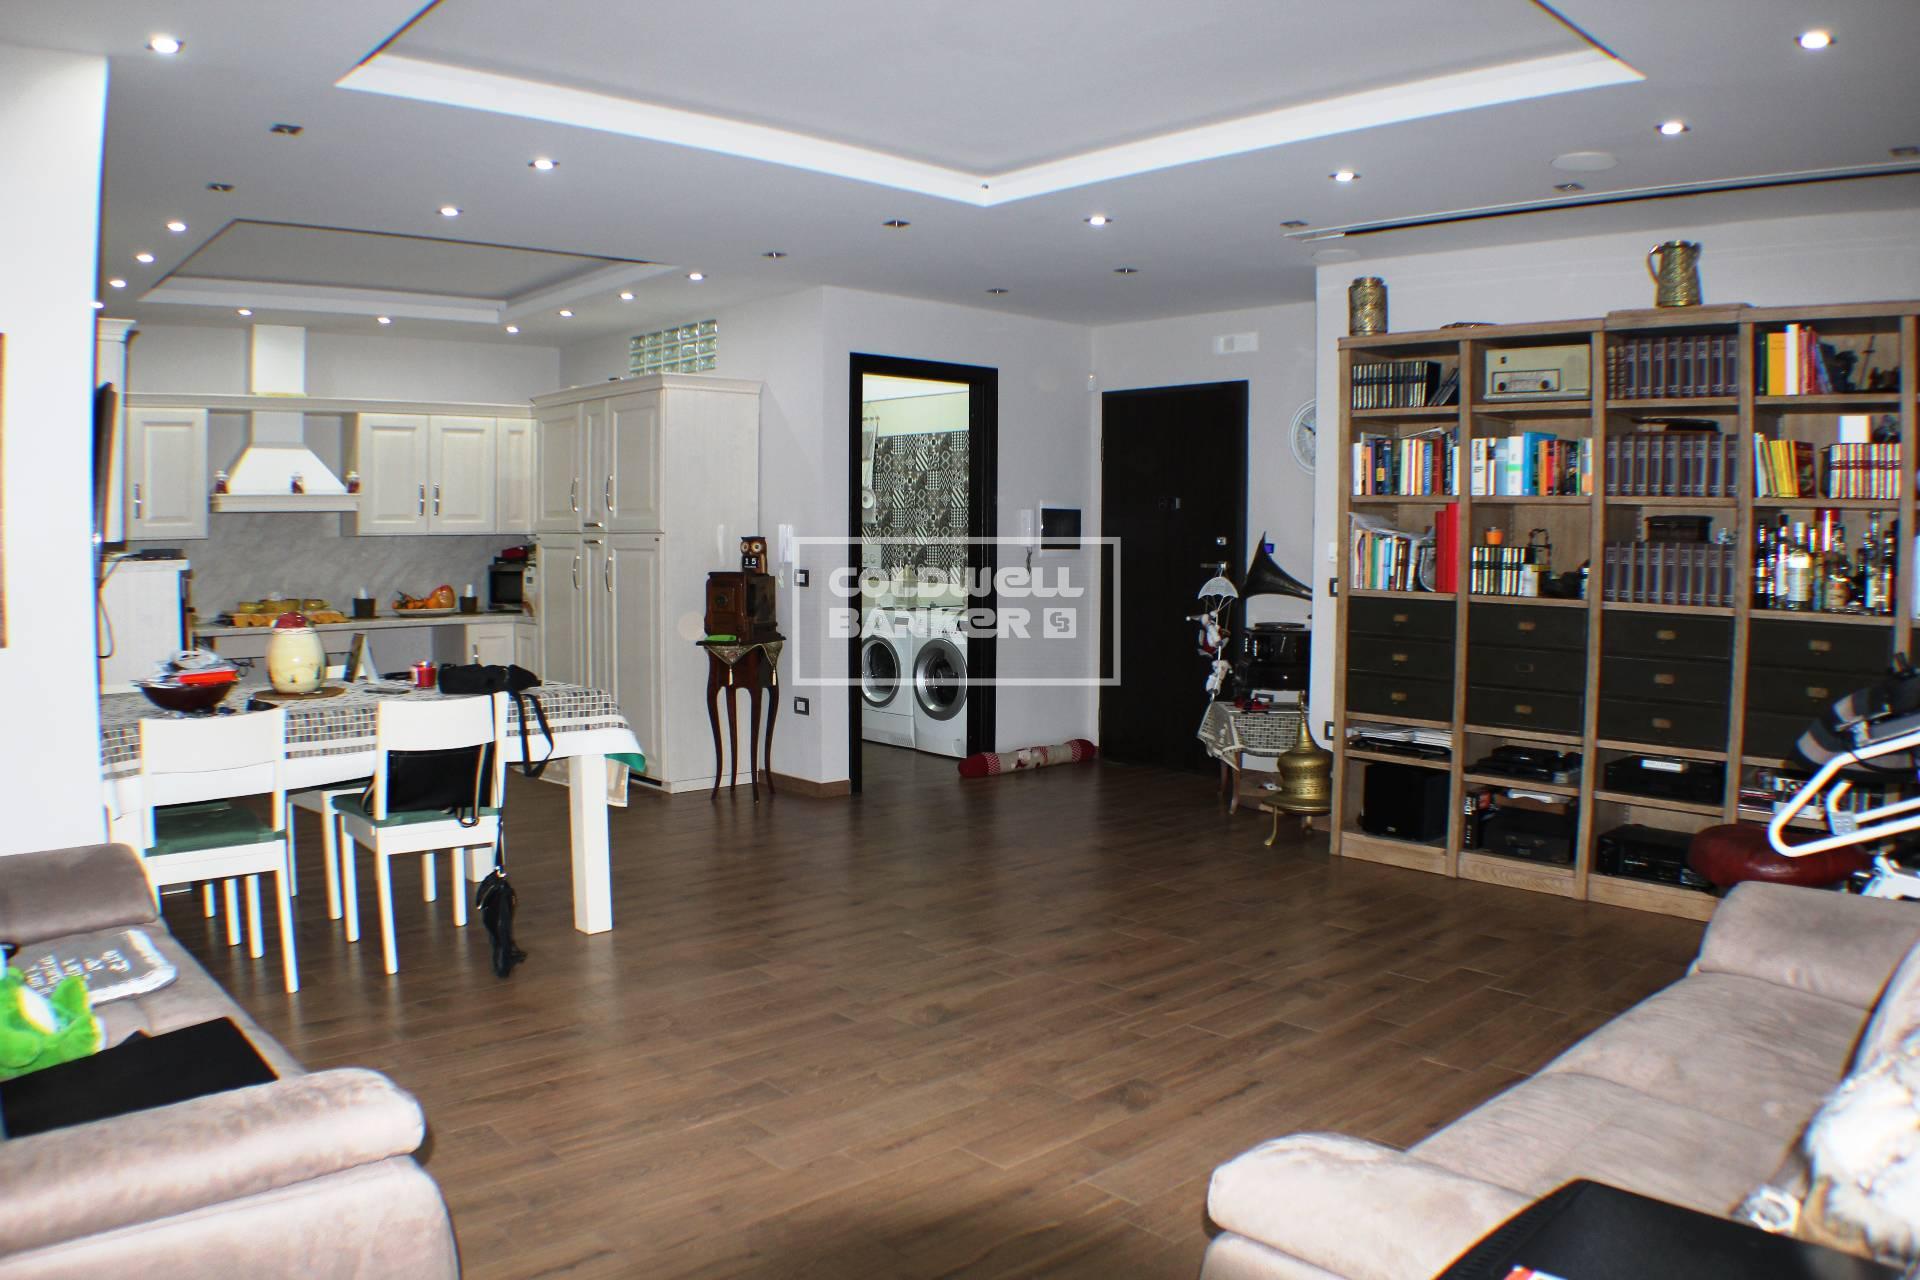 Appartamento BRINDISI vendita  Sciaia- Materdomini  Coldwell Banker Millenia